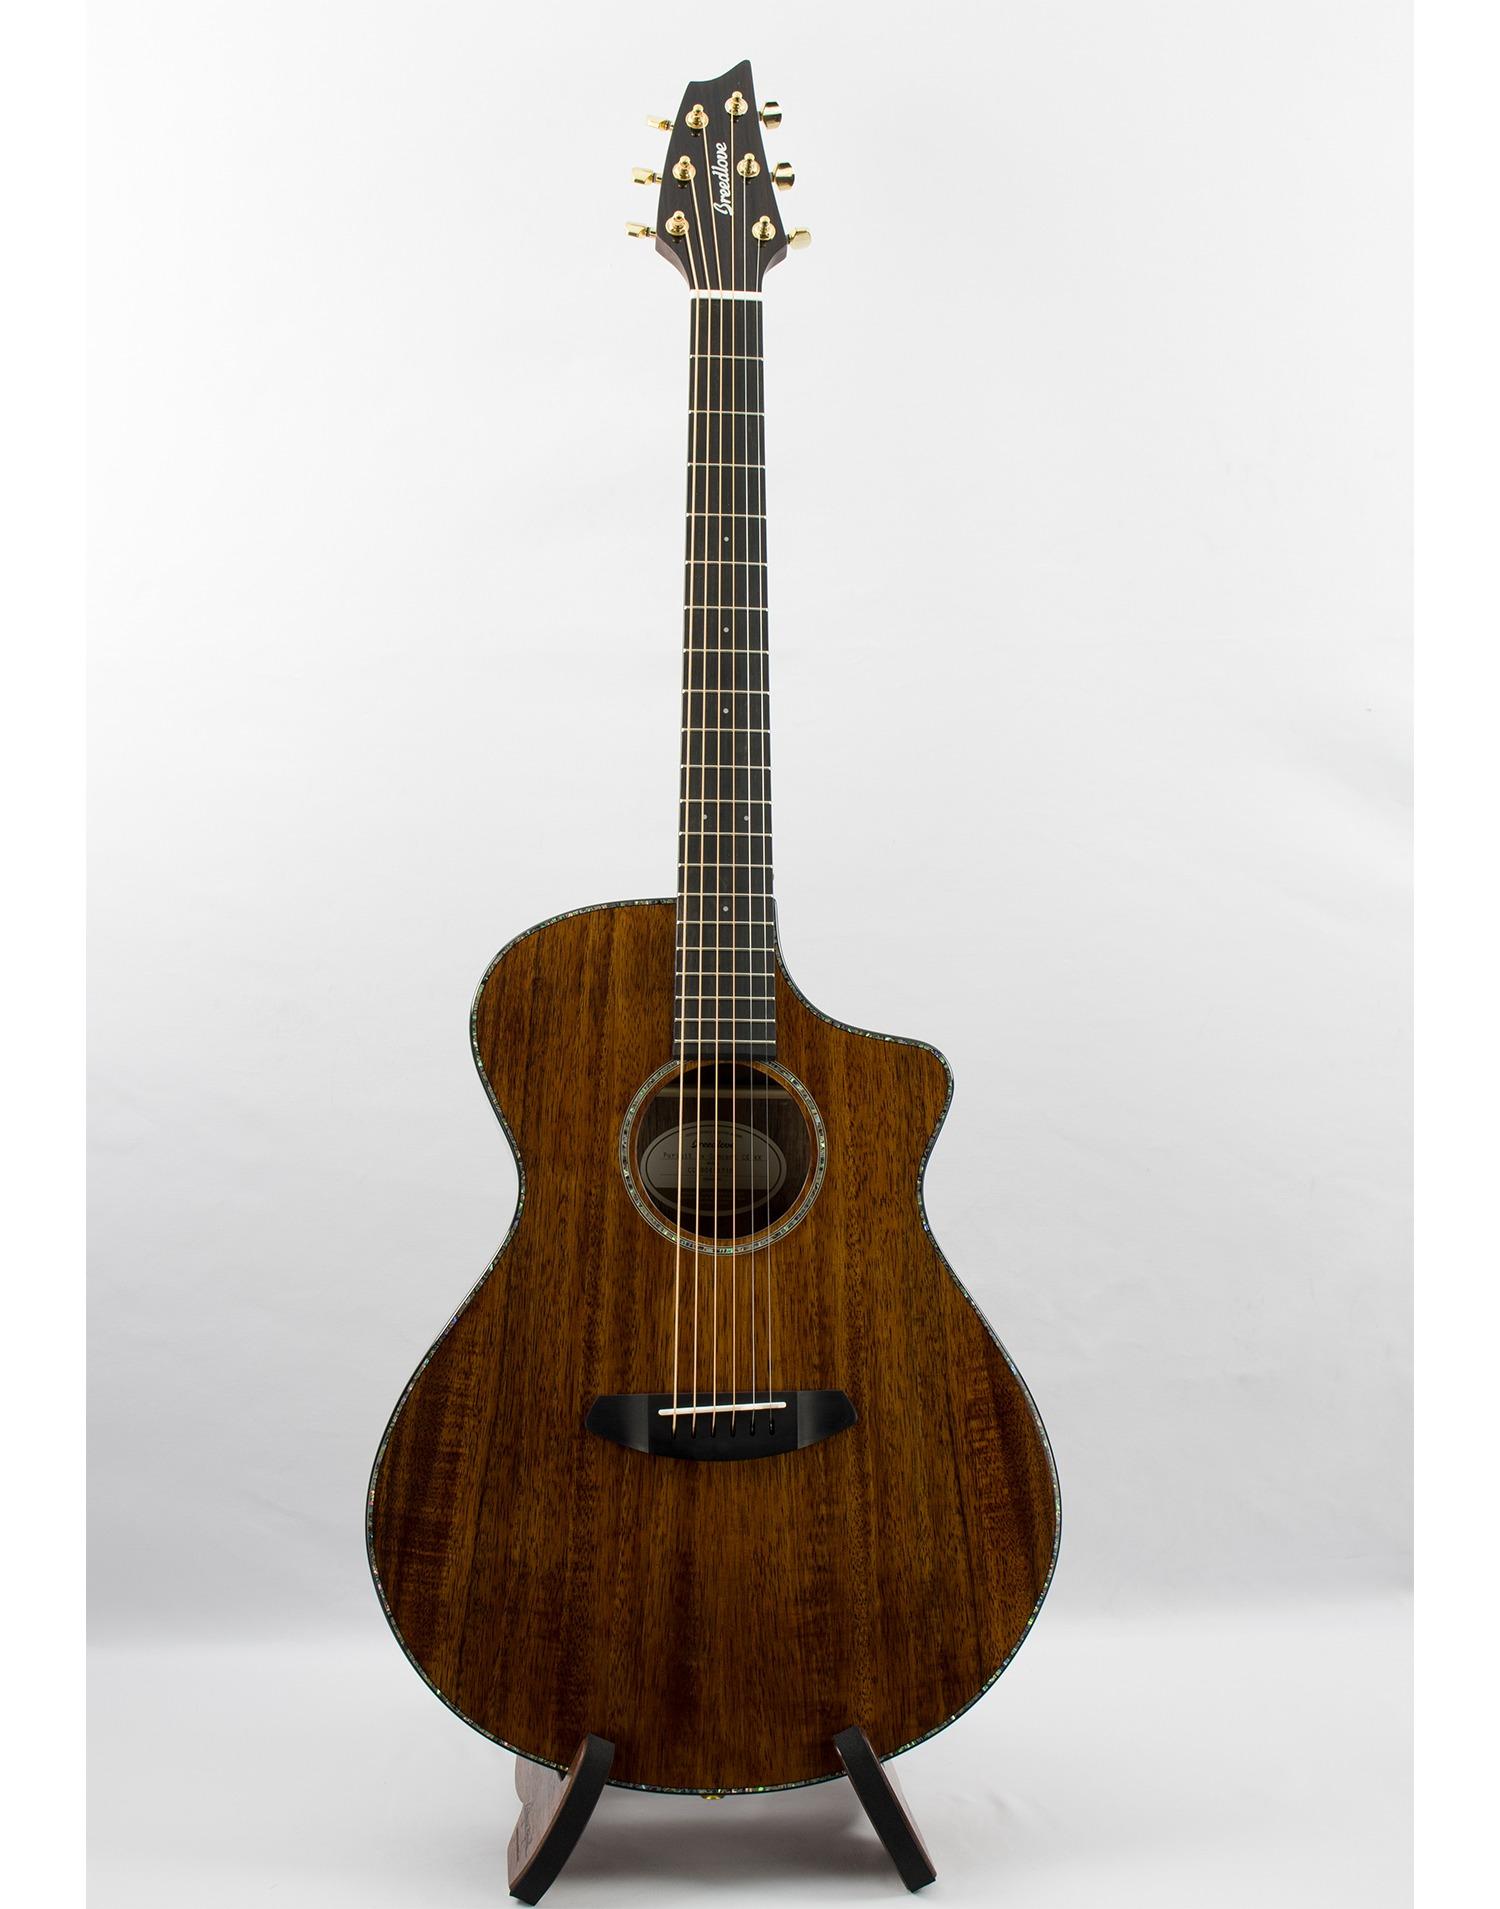 Breedlove Pursuit Concert Ce Acoustic/electric Guitar Musical Instruments & Gear Guitars & Basses